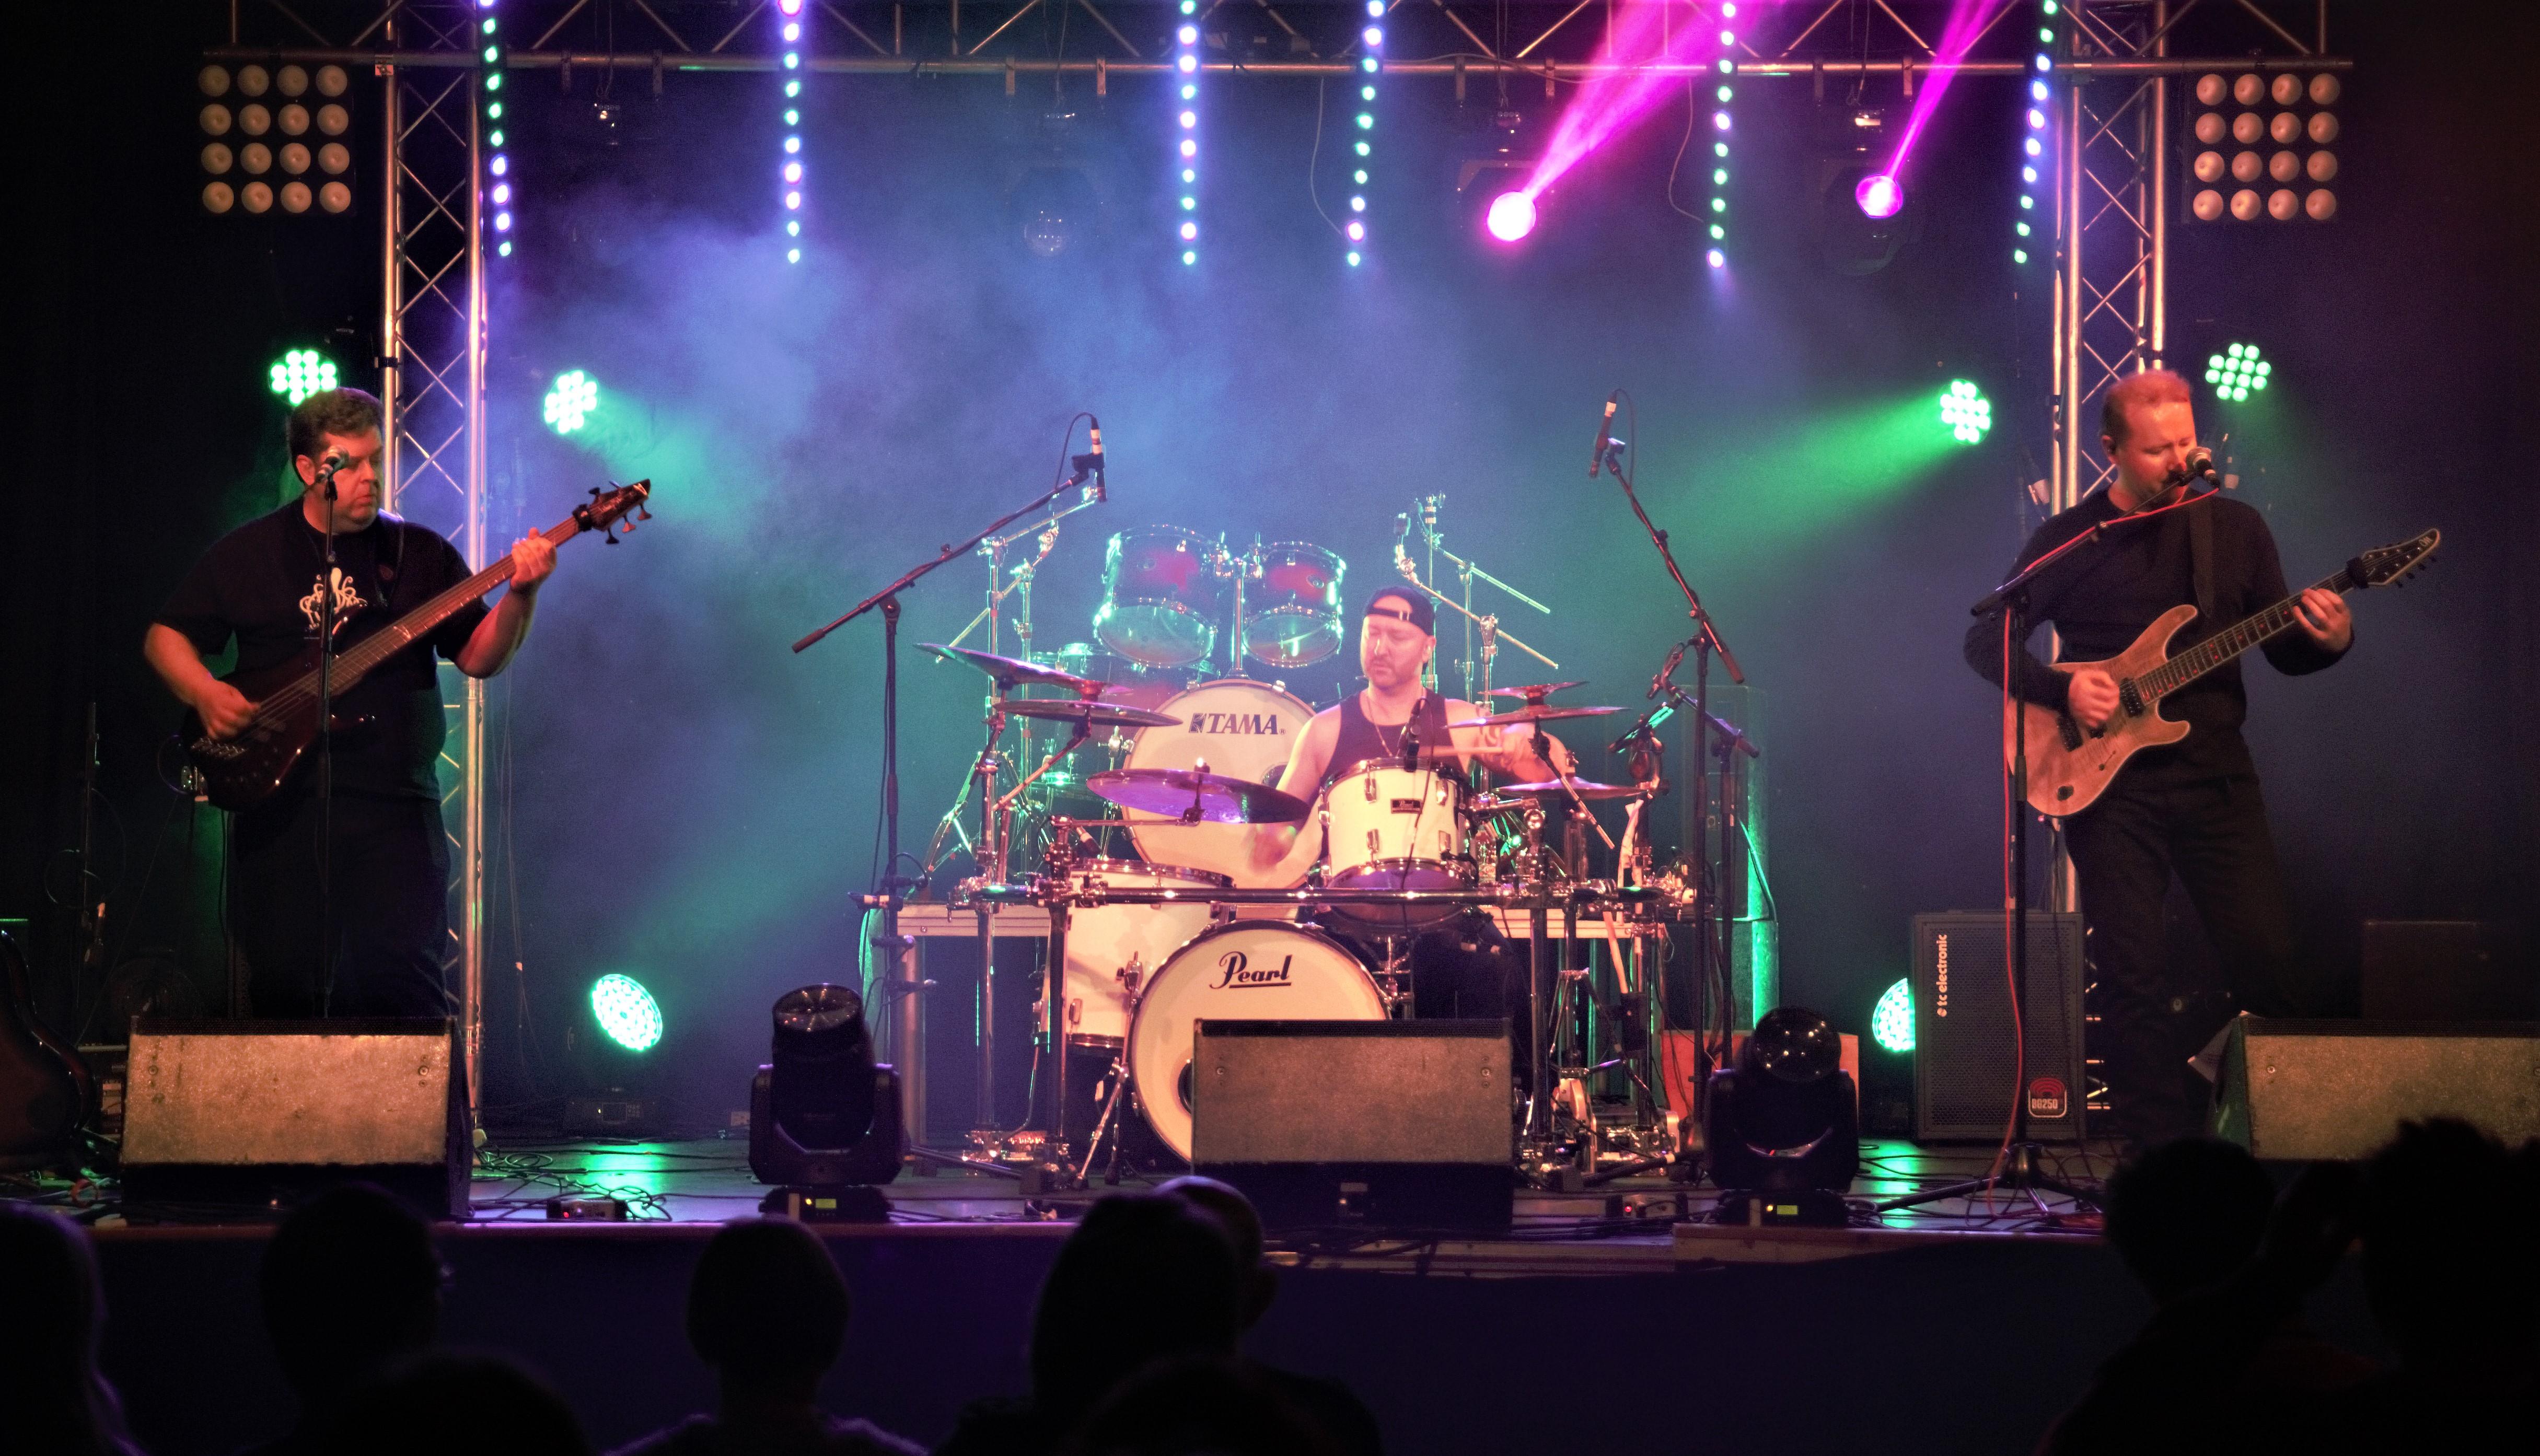 Dec Burke Band at Fusion 2019 (18)